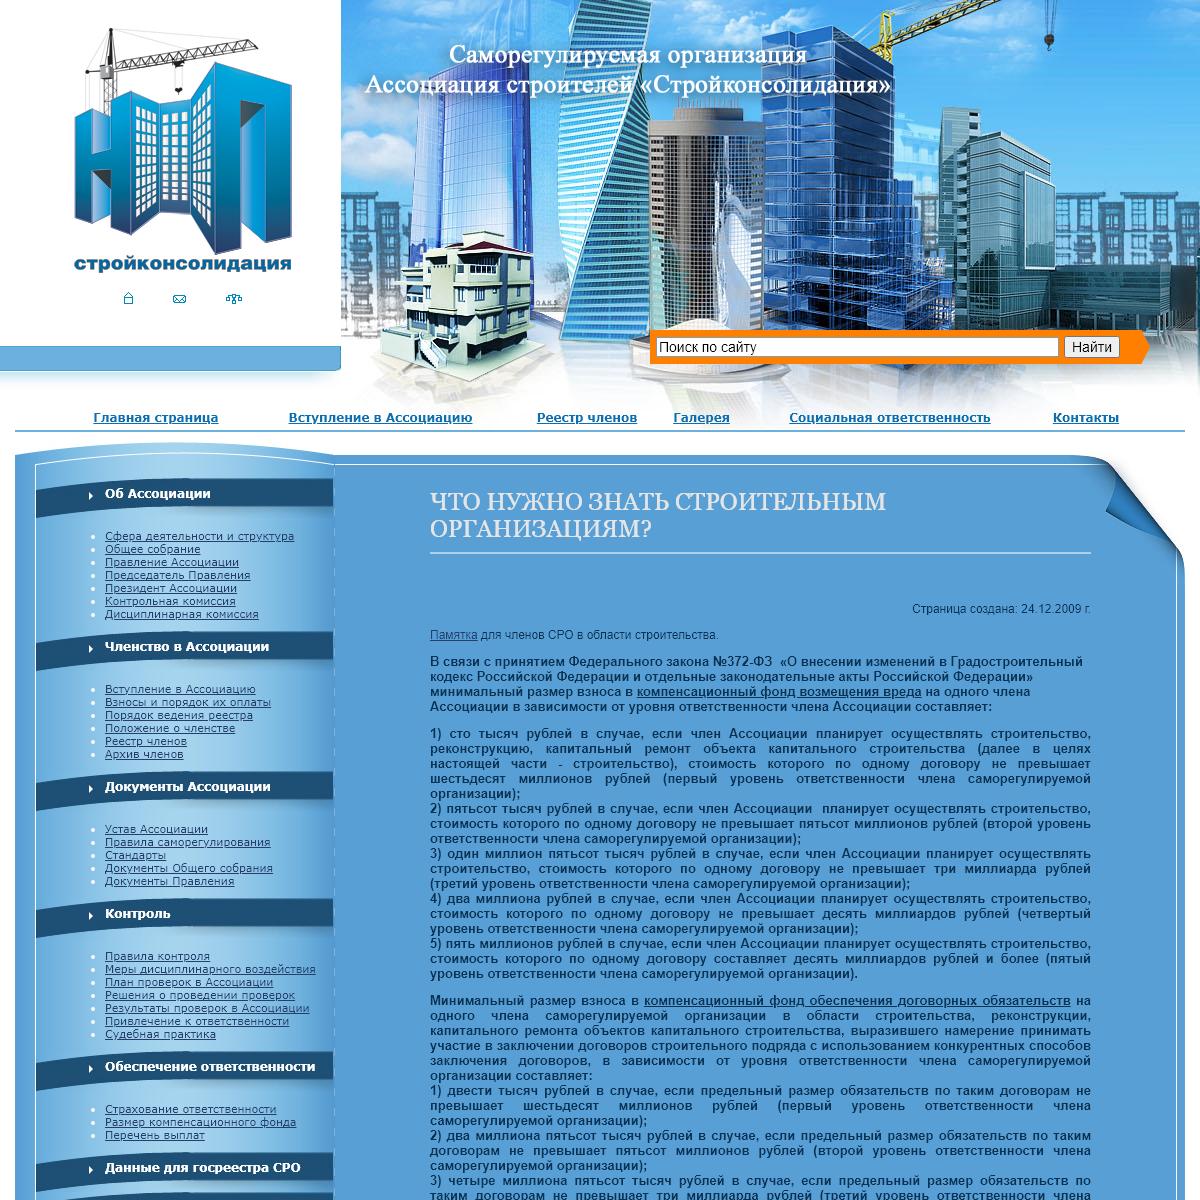 НП -Стройконсолидация- - cаморегулируемая организация строителей, вст�